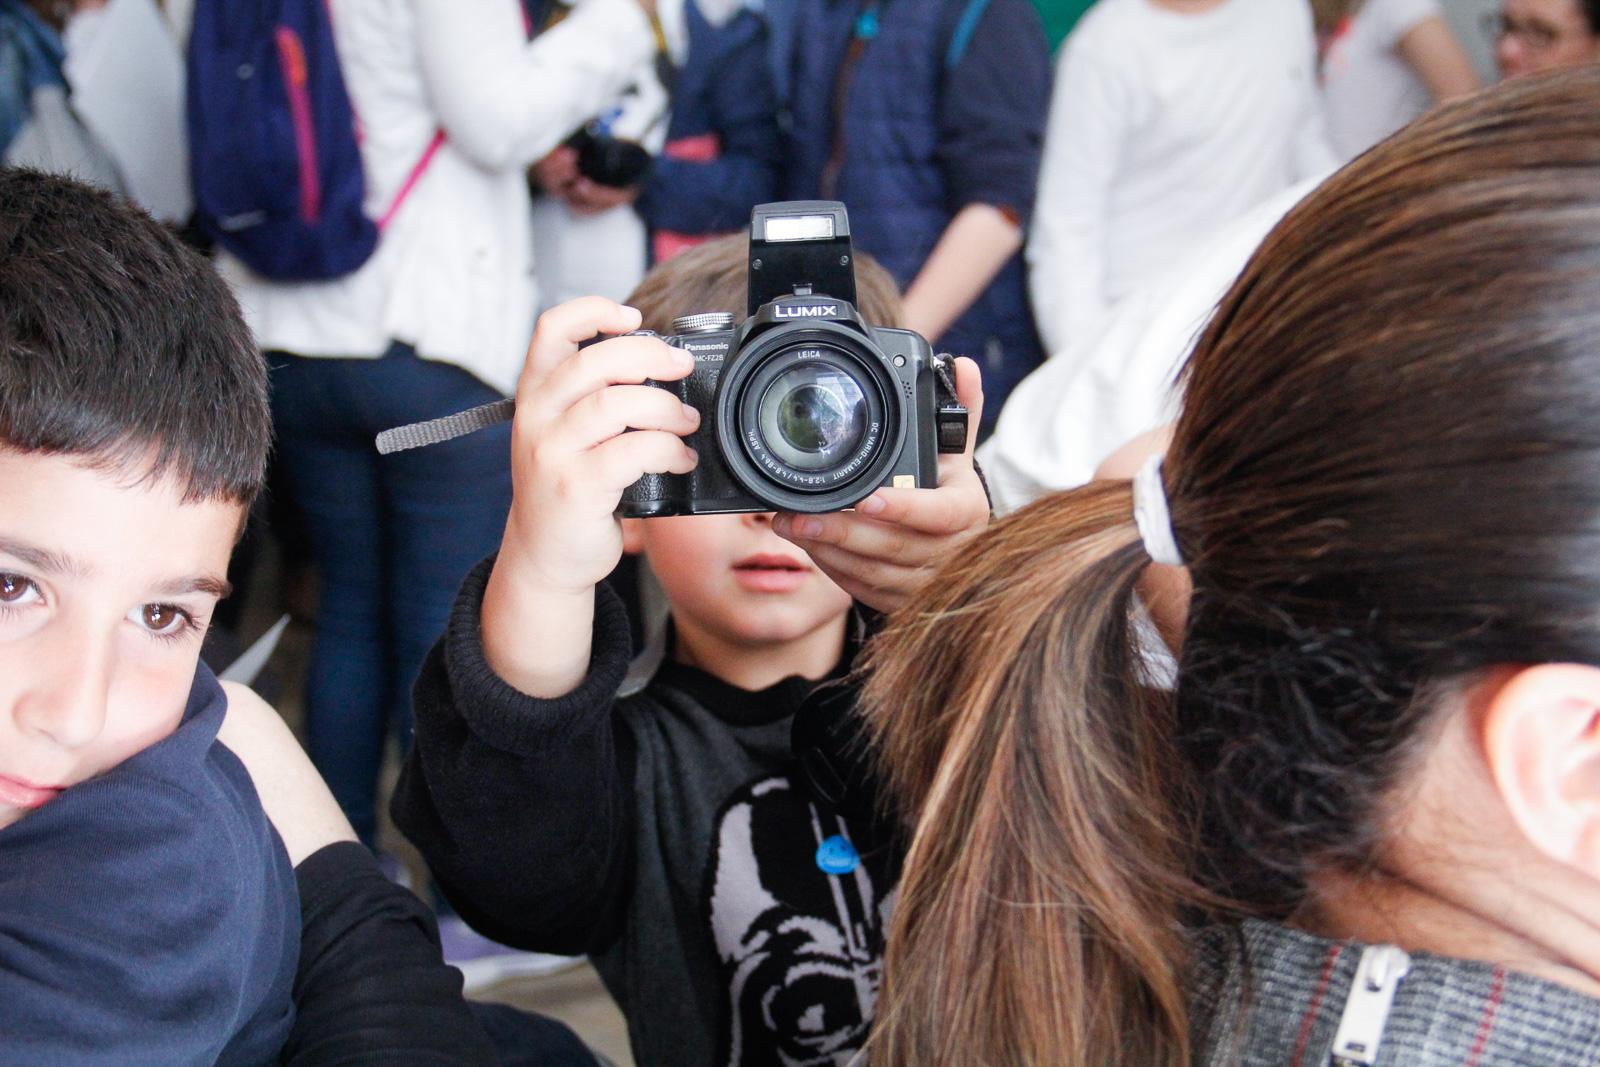 Fotogafía para crecer andanafoto